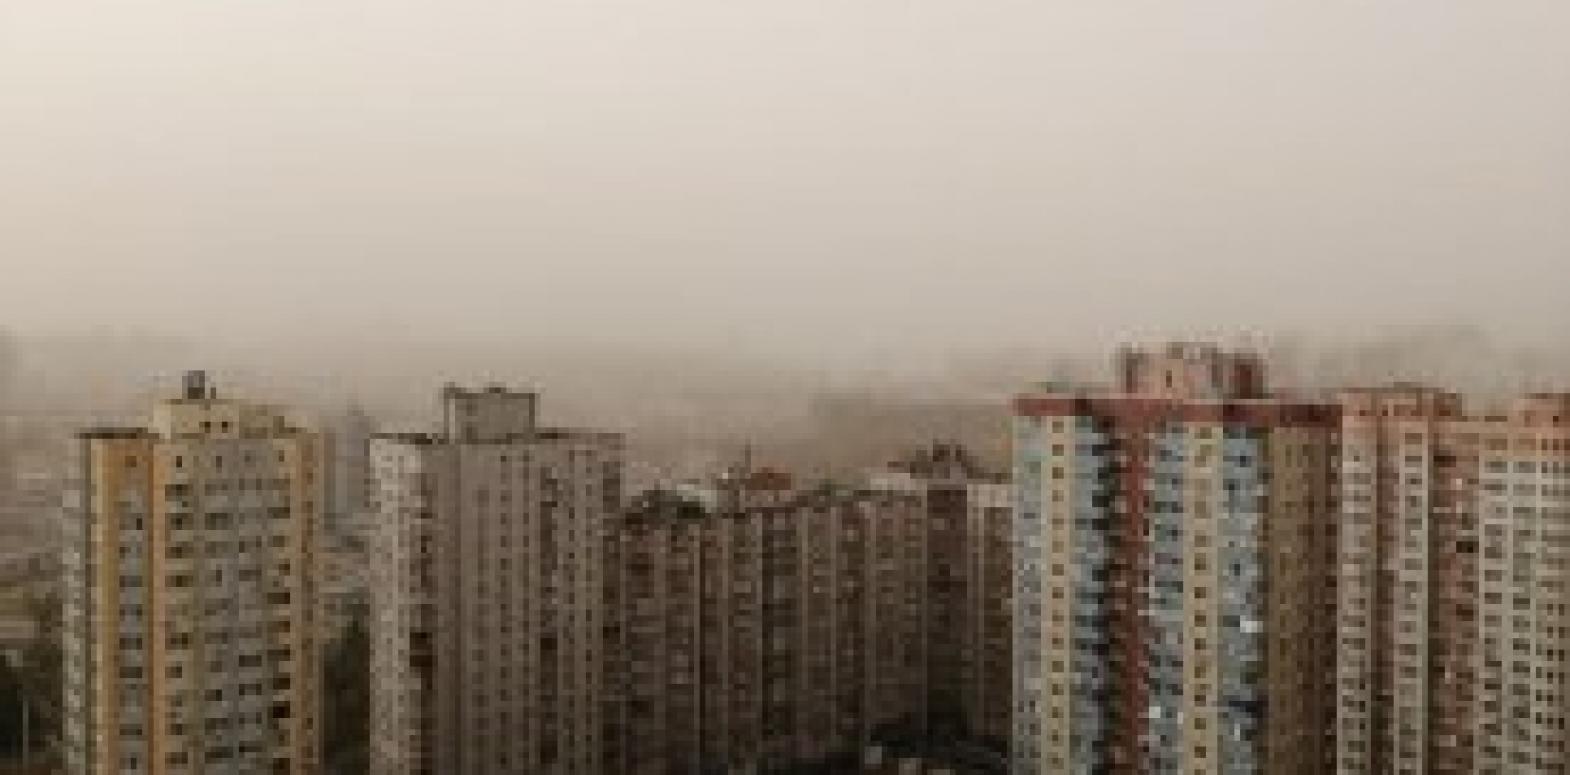 Для объективной оценки качества воздуха в Киеве недостаточно данных, - Всеукраинская экологическая лига